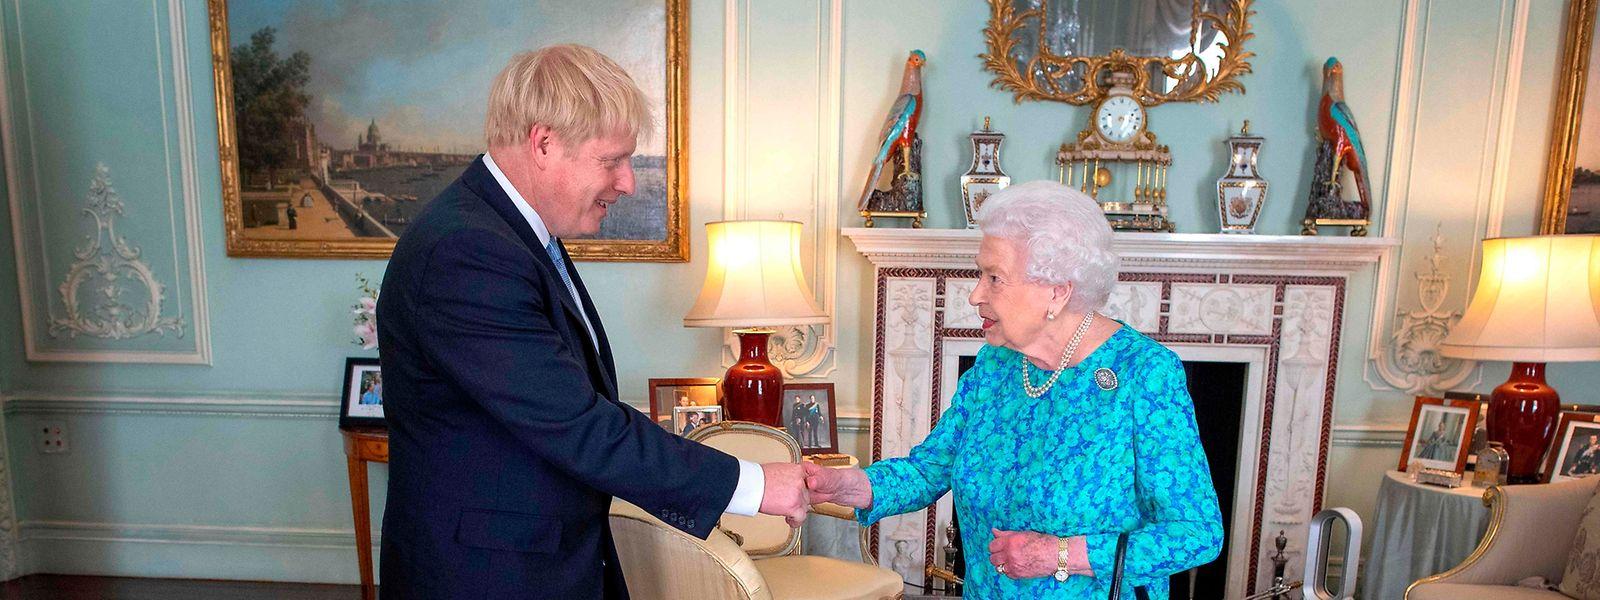 Die Queen empfing Johnson am Mittwochnachmittag.